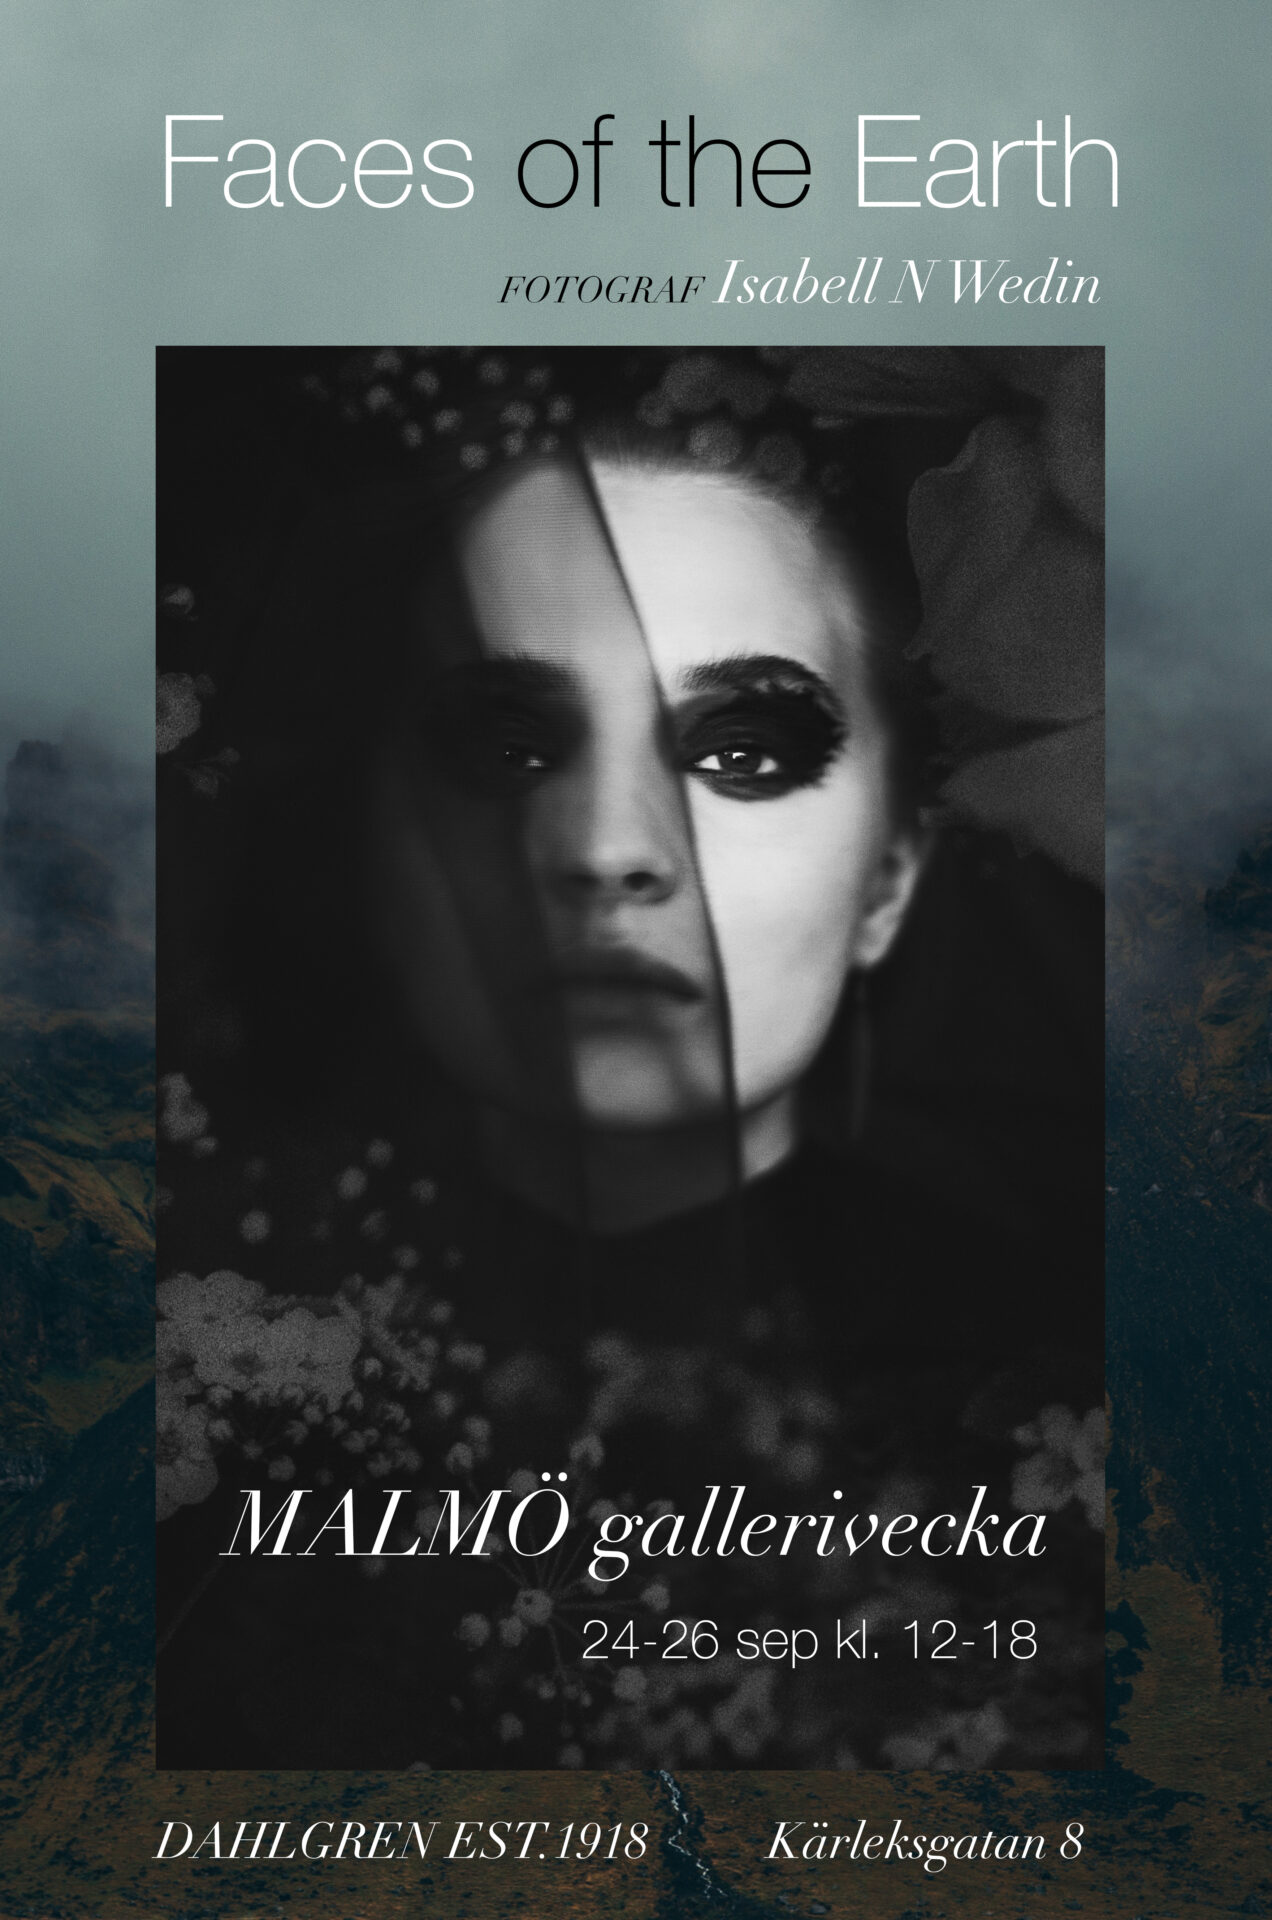 Malmö gallerivecka